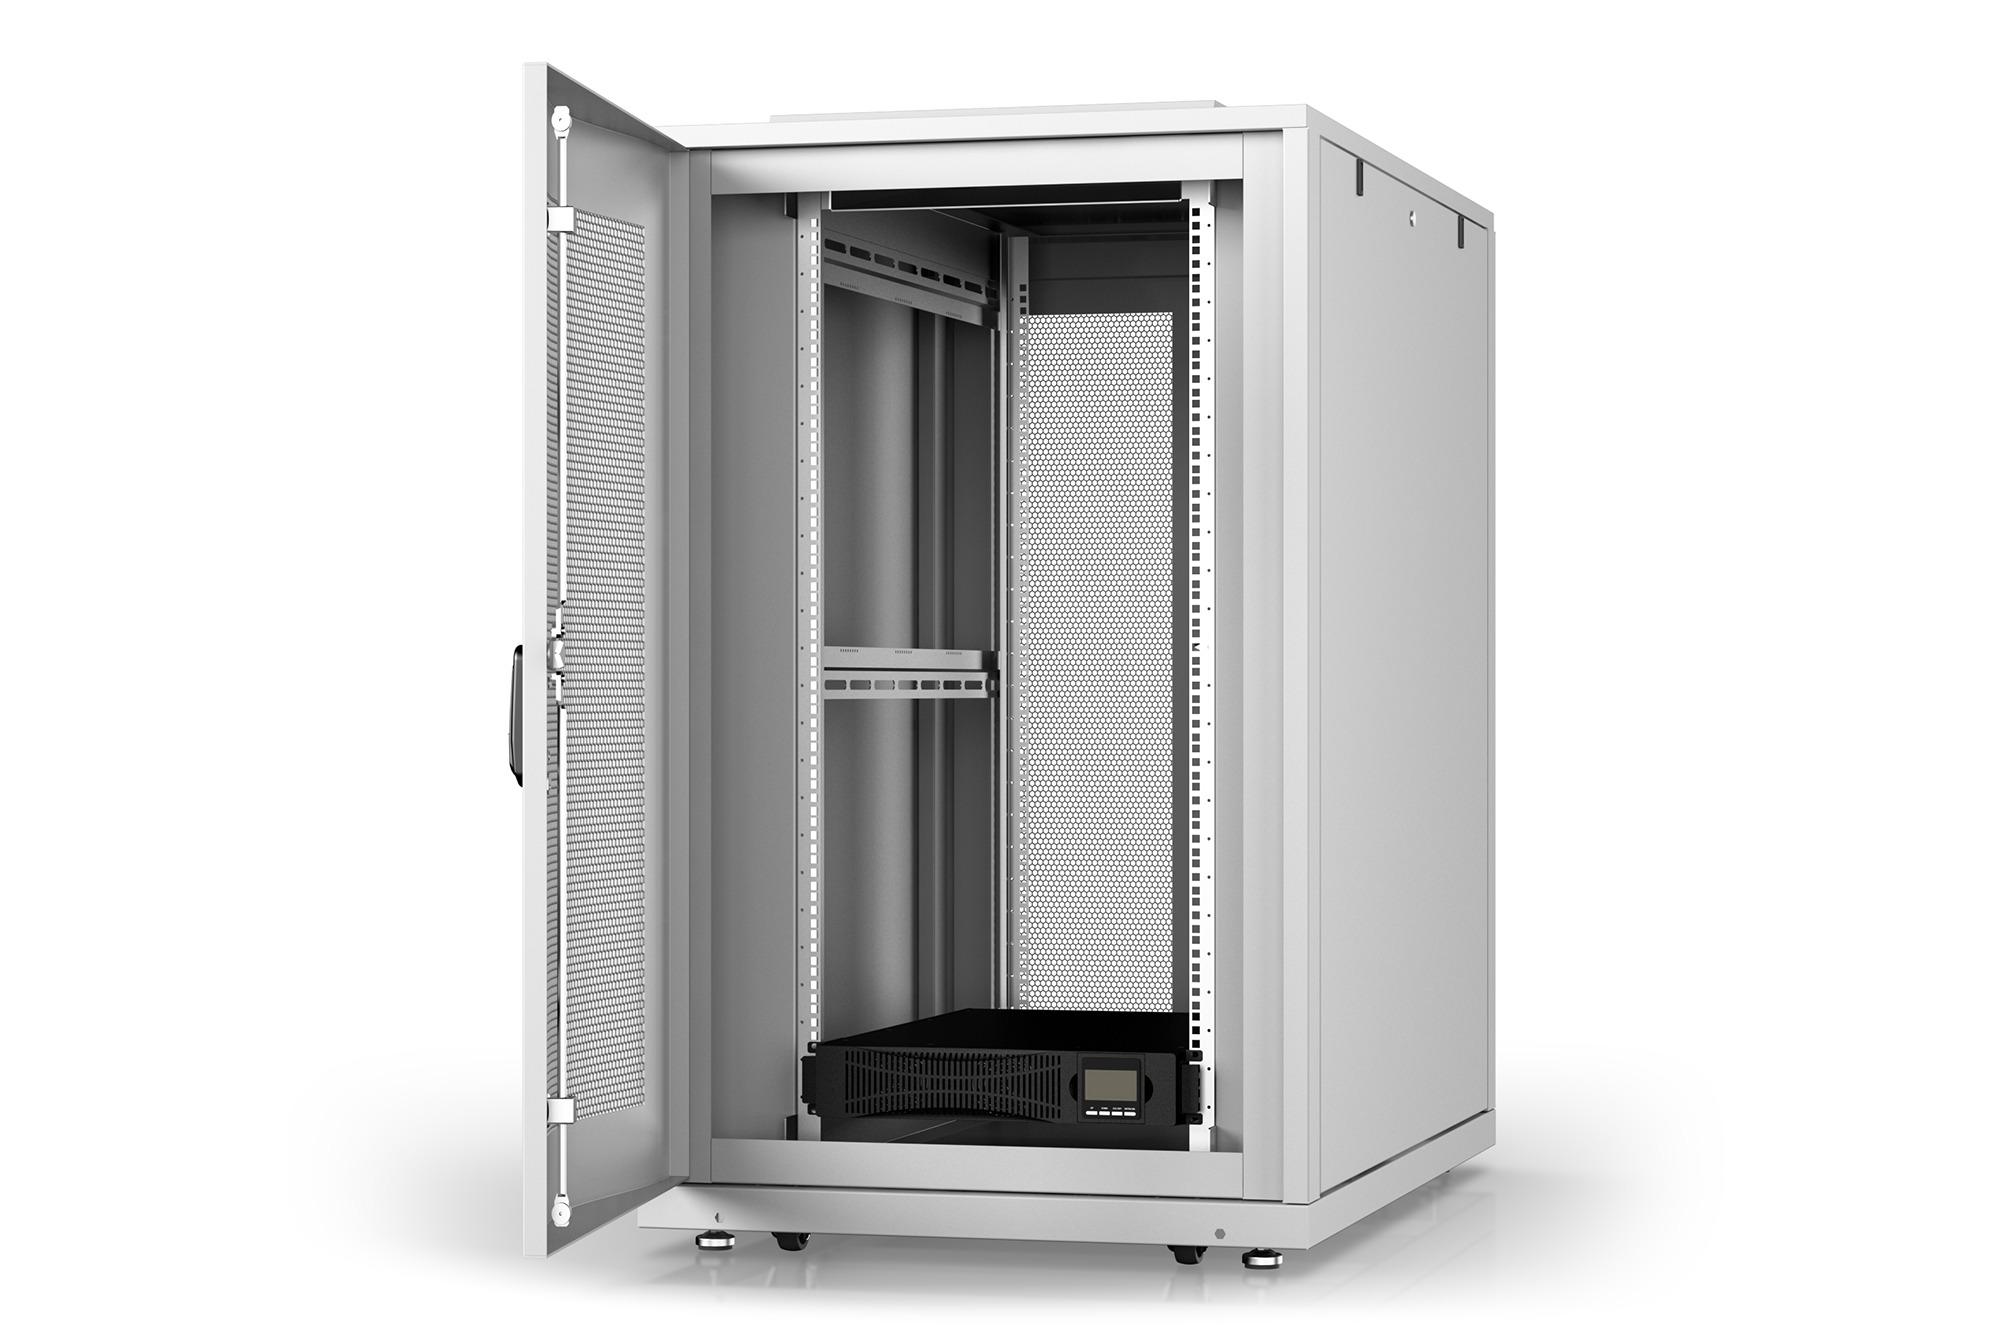 Armadio rack 26u 600×1000 con gruppo di continuita' online 3000va/, multipresa